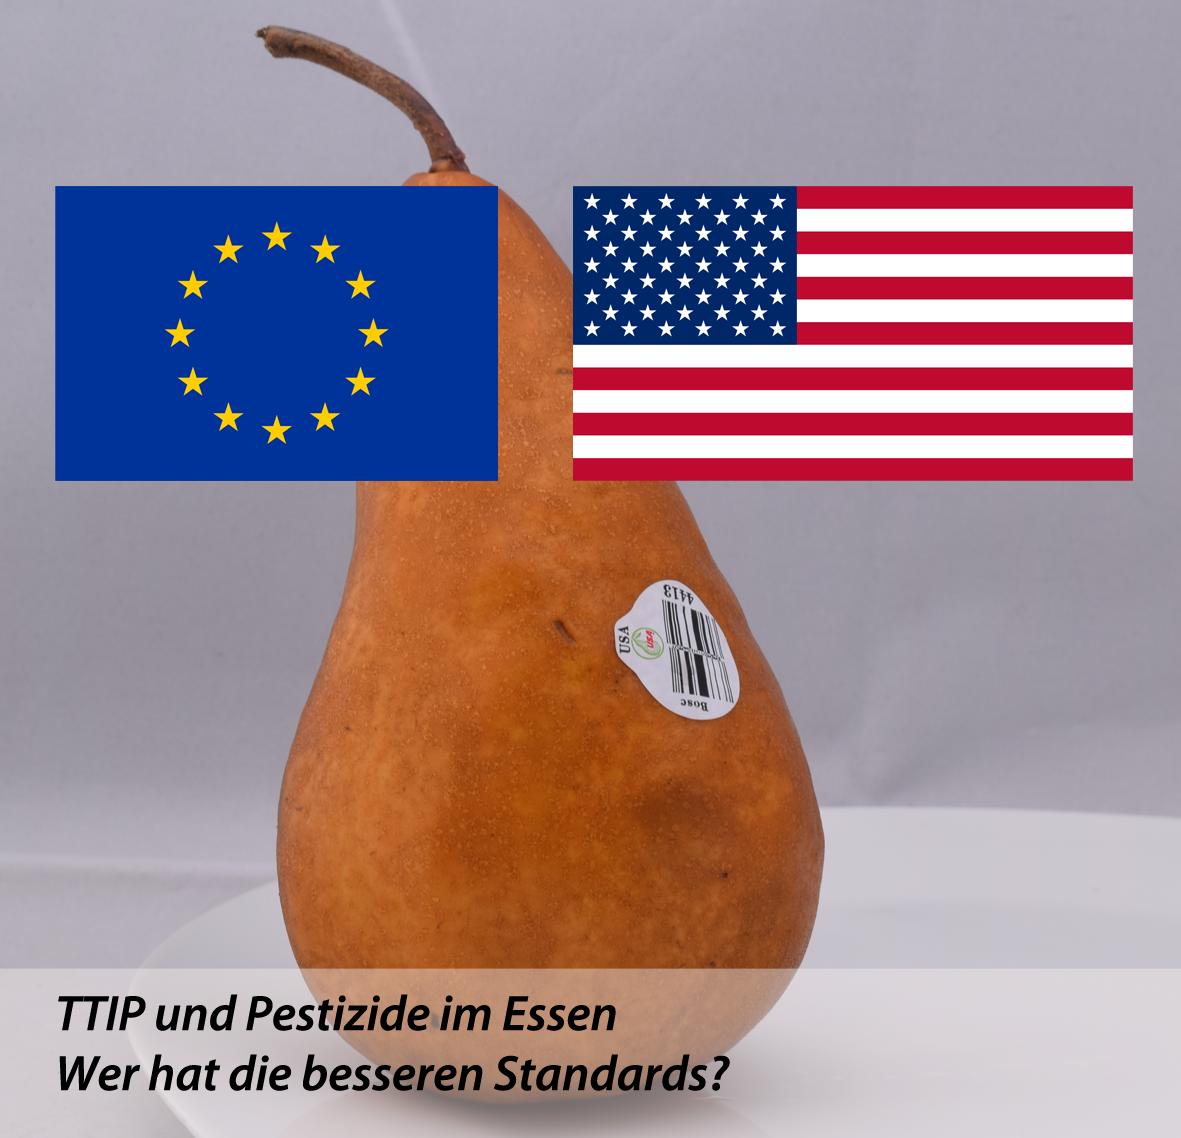 TTIP Und Pestizide In Lebensmitteln – Teil 1